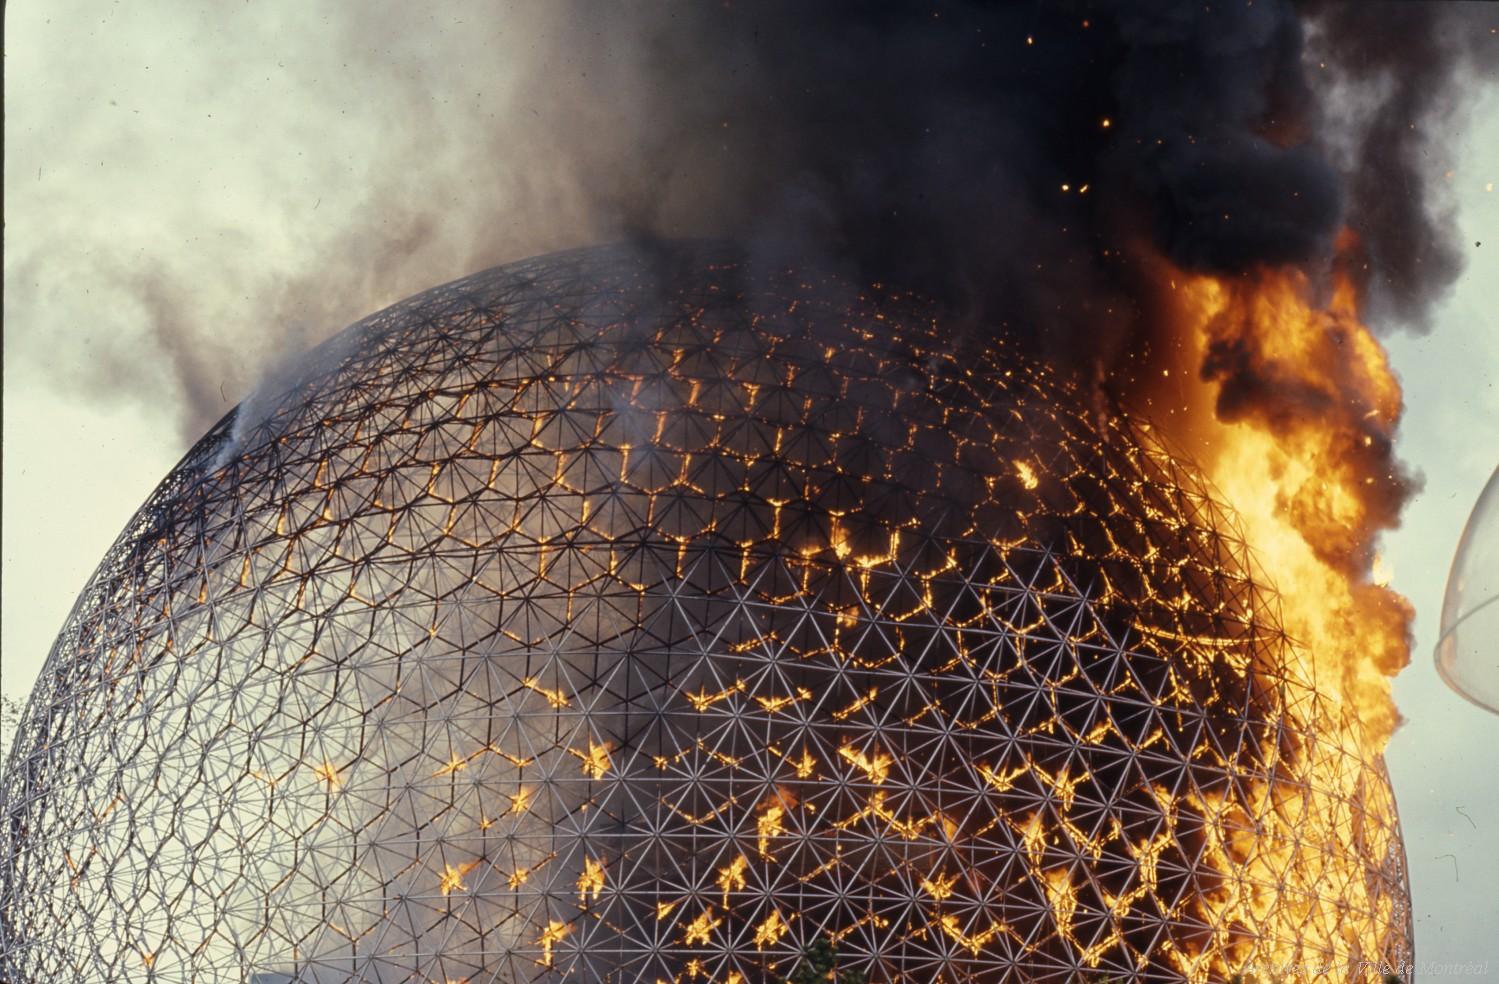 La biosphère en feu (1976). Image d'illustration pour le synopsis de Julien Discrit. Copyright : ©Archives de la Ville de Montréal